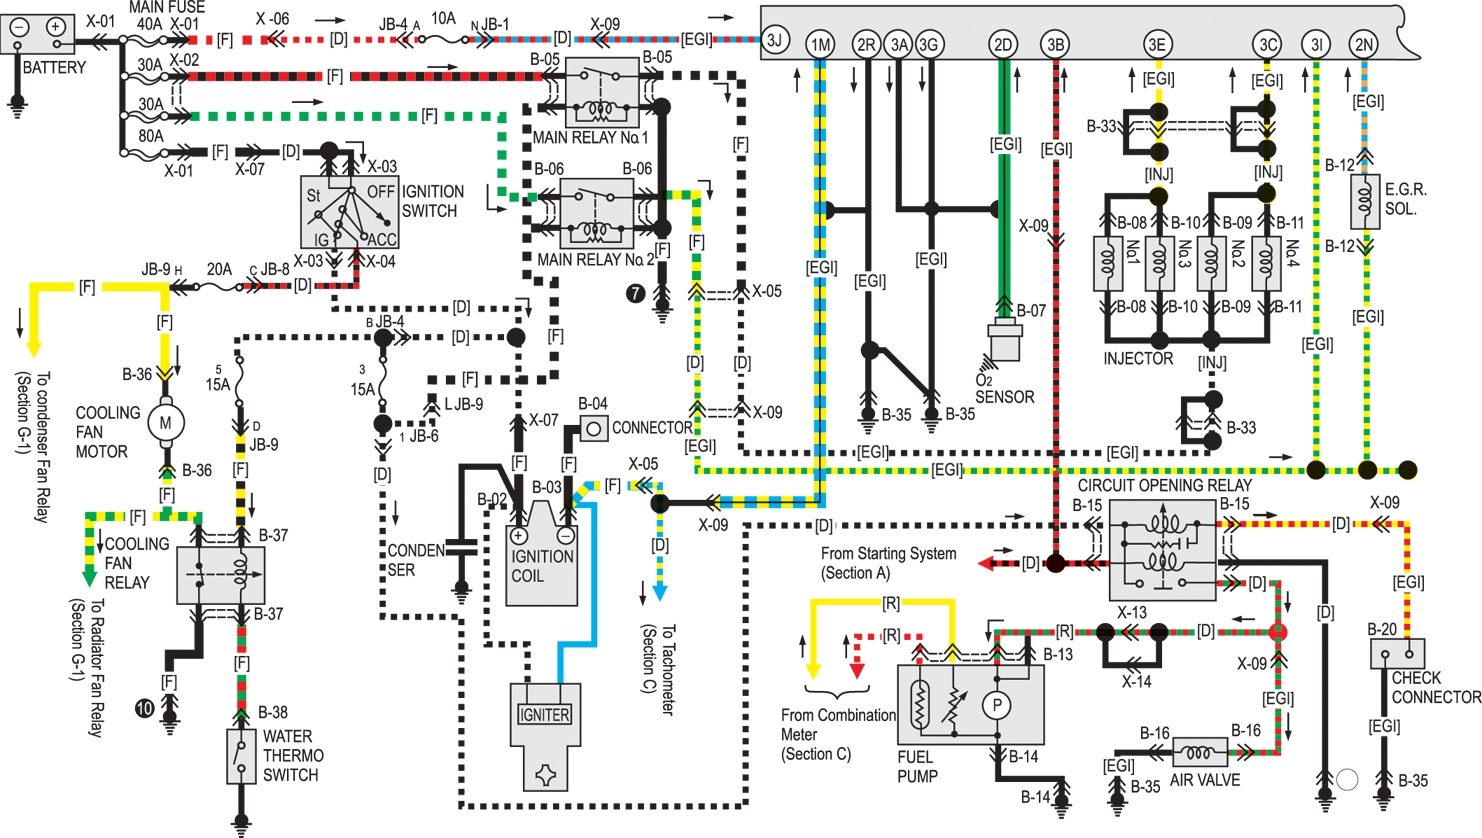 pdf ebook 1995 mazda miata wiring diagrams wire center u2022 rh linxglobal co car audio wiring diagrams pdf car wiring diagram ford excursion 2000 v10